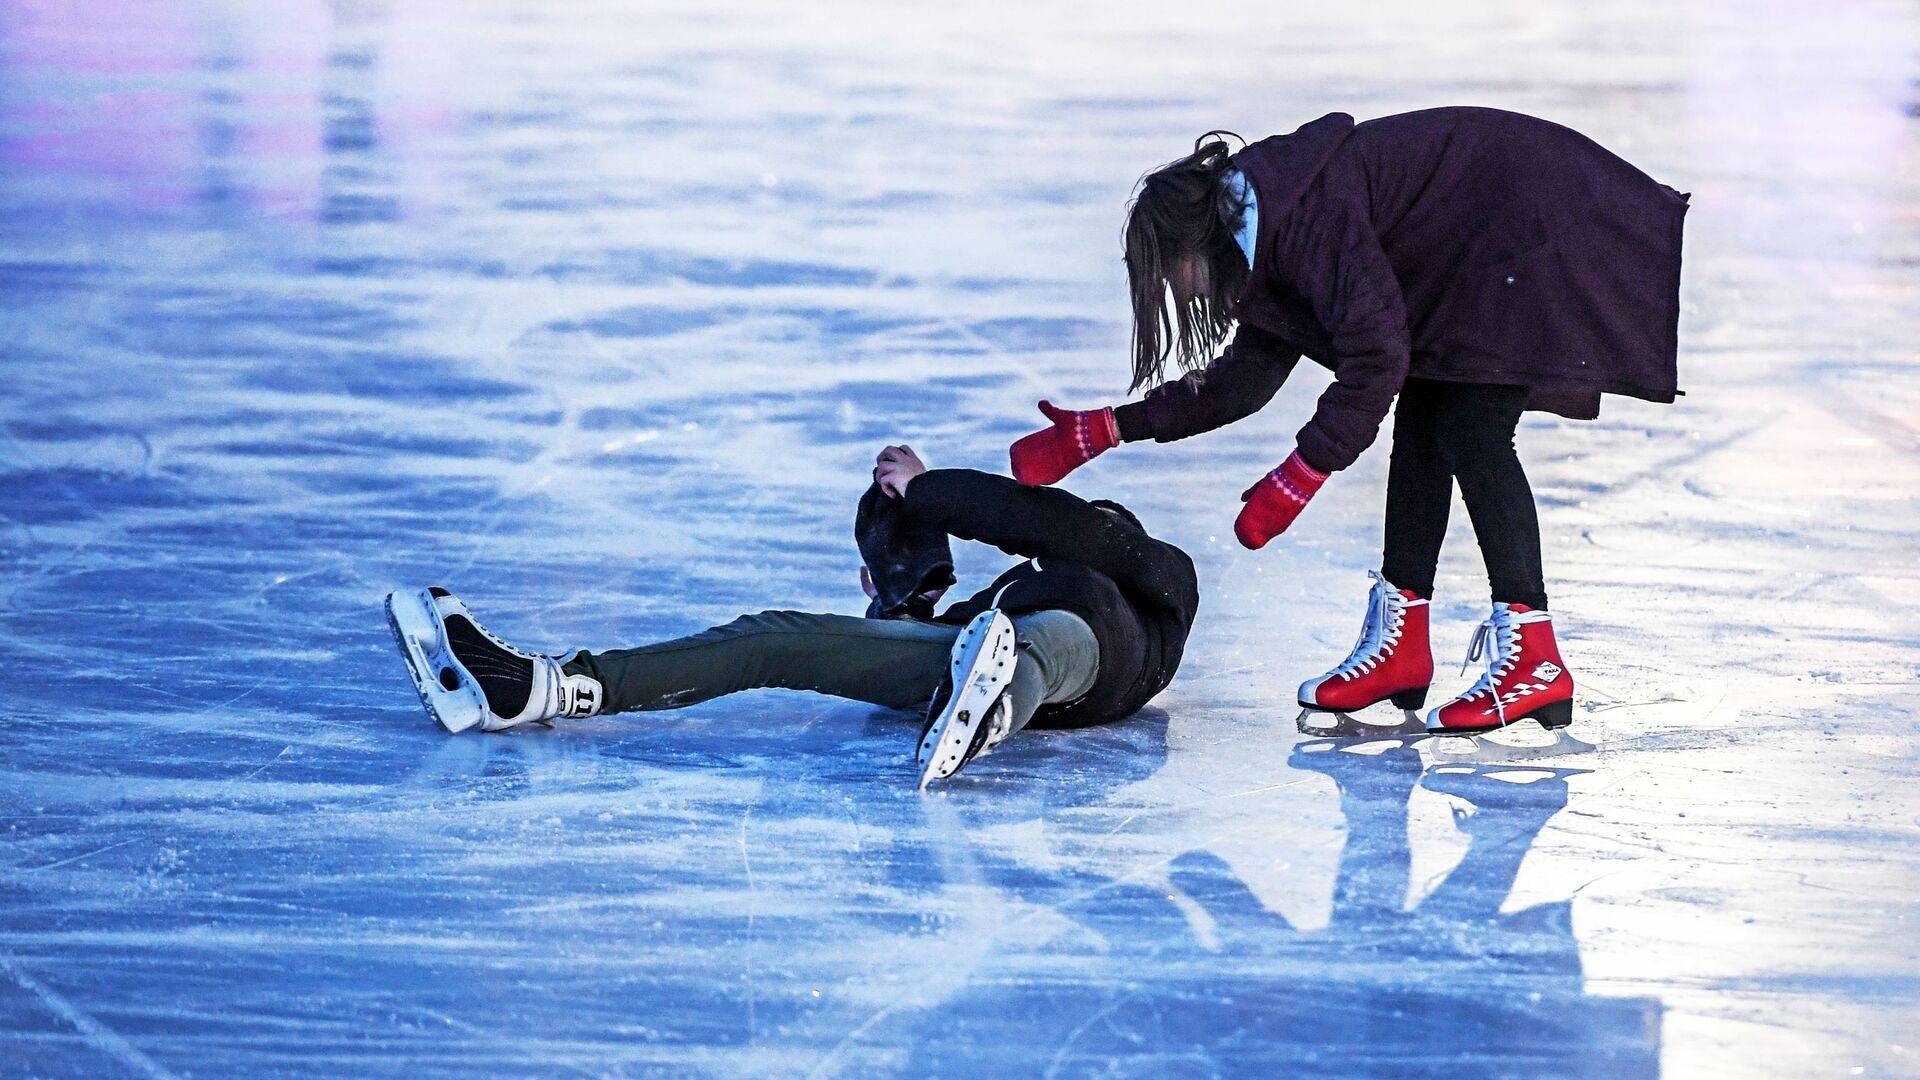 Посетители катаются на катке с искусственным льдом в парке Сокольники в Москве - РИА Новости, 1920, 07.01.2020